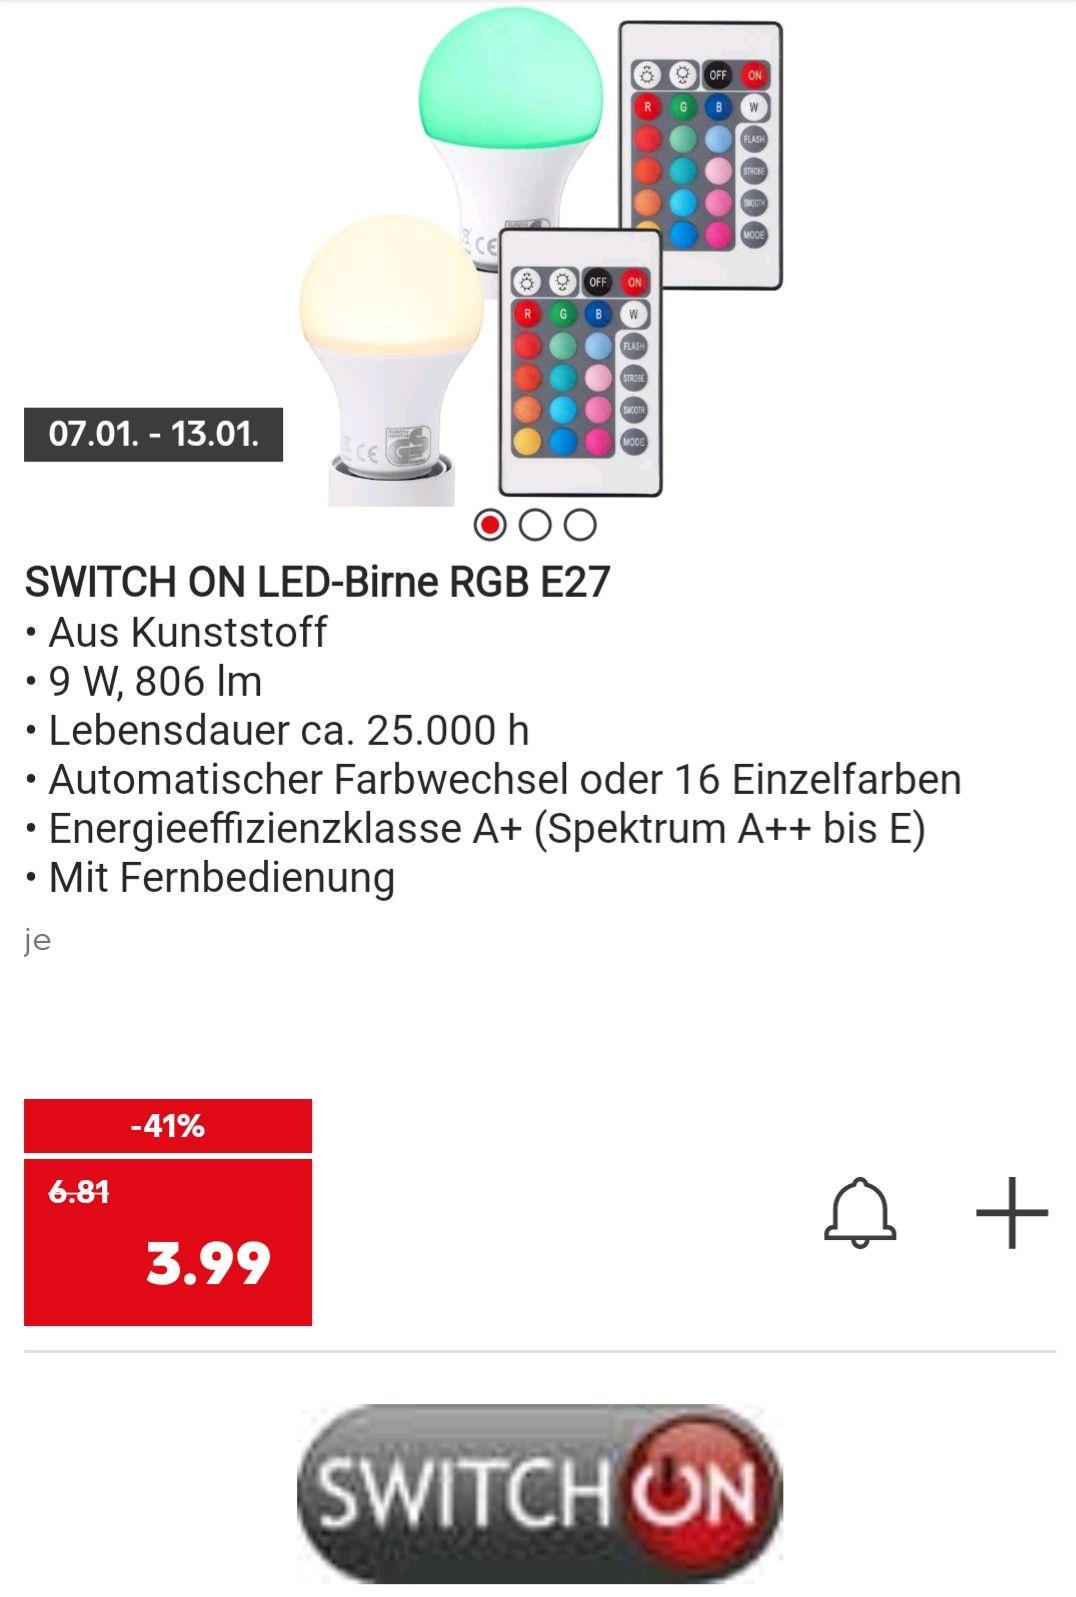 LED Glühbirne mit RGB und Fernbedienung sowie mit 806 Lumen